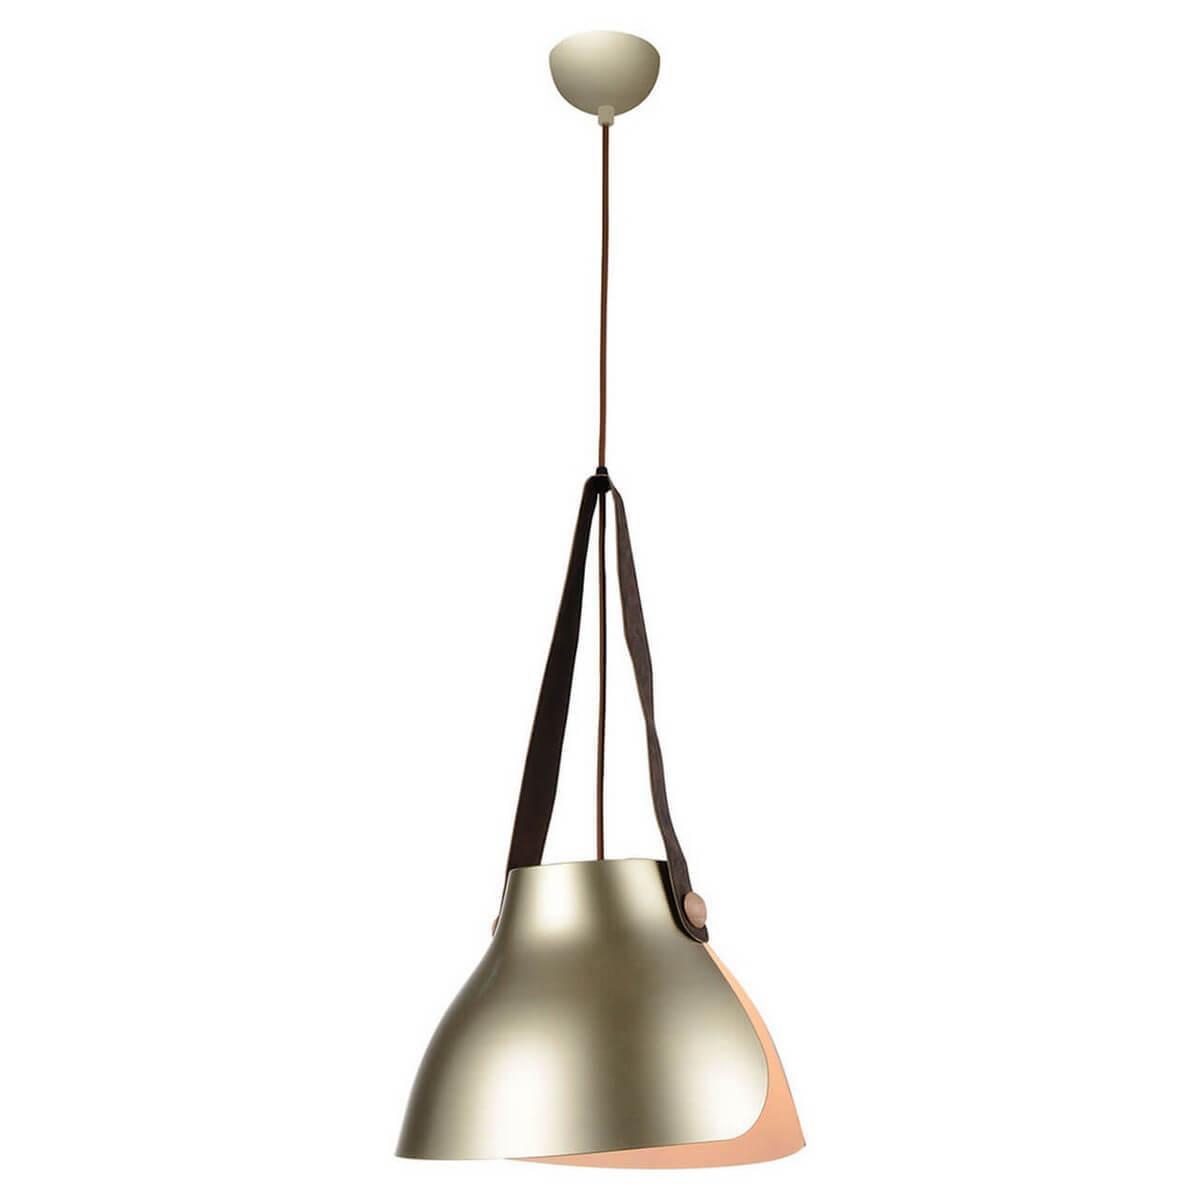 Подвесной светильник Lussole LOFT GRLSP-9843, E27, 11 Вт подвесной светильник lussole grlsp 9876 медь